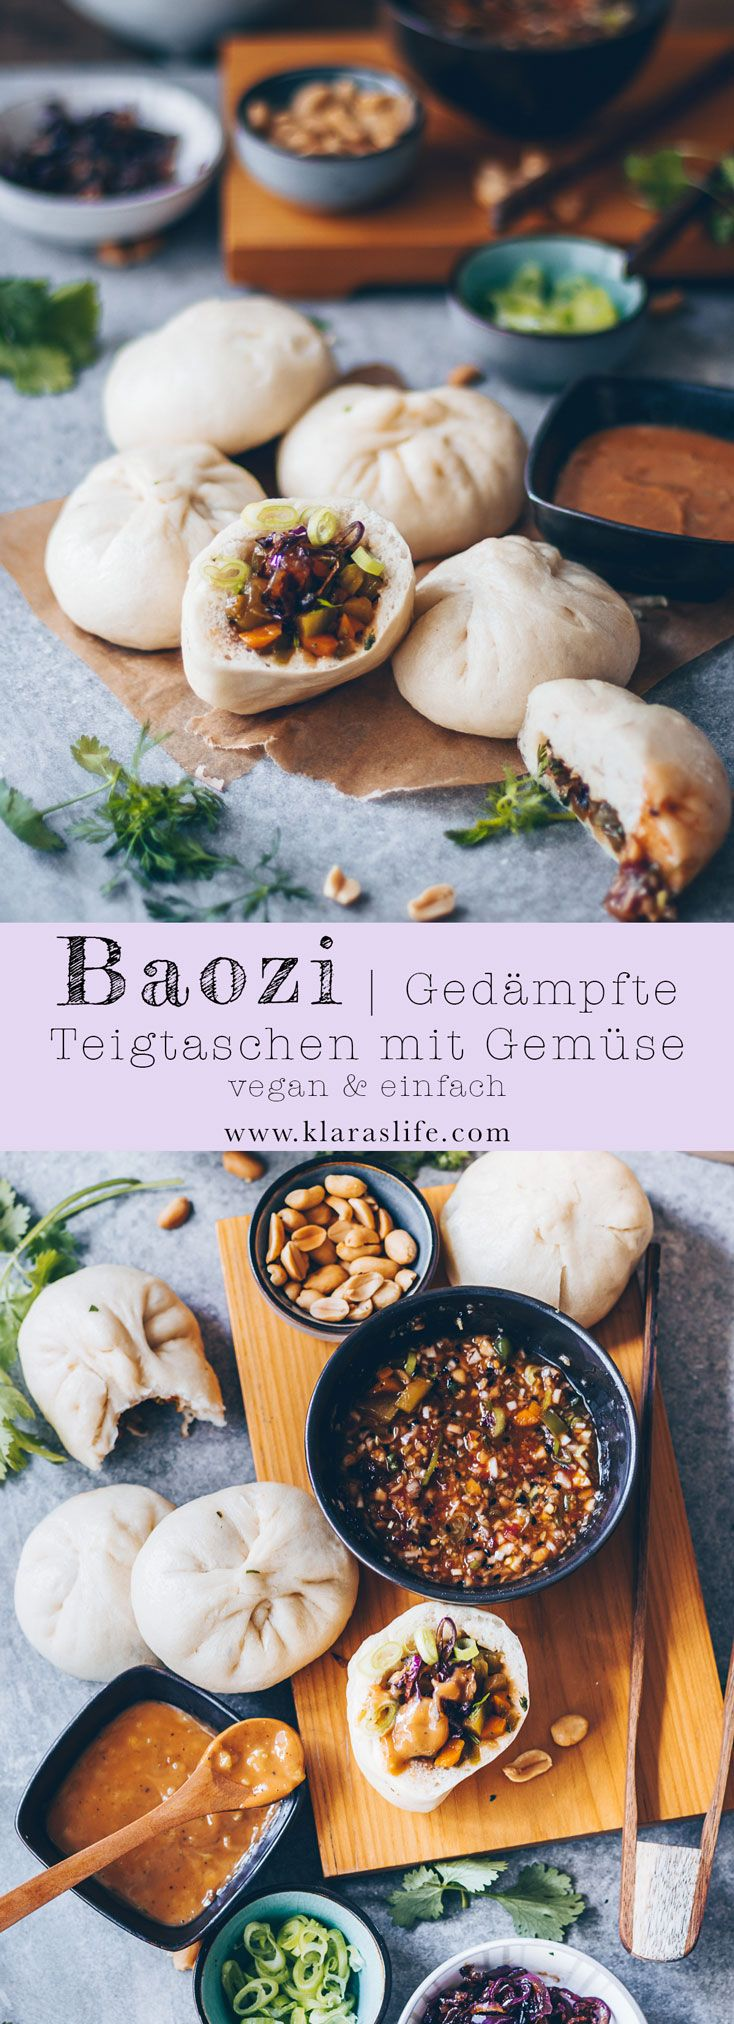 Baozi - gedämpfte Teigtaschen #kochenundbacken